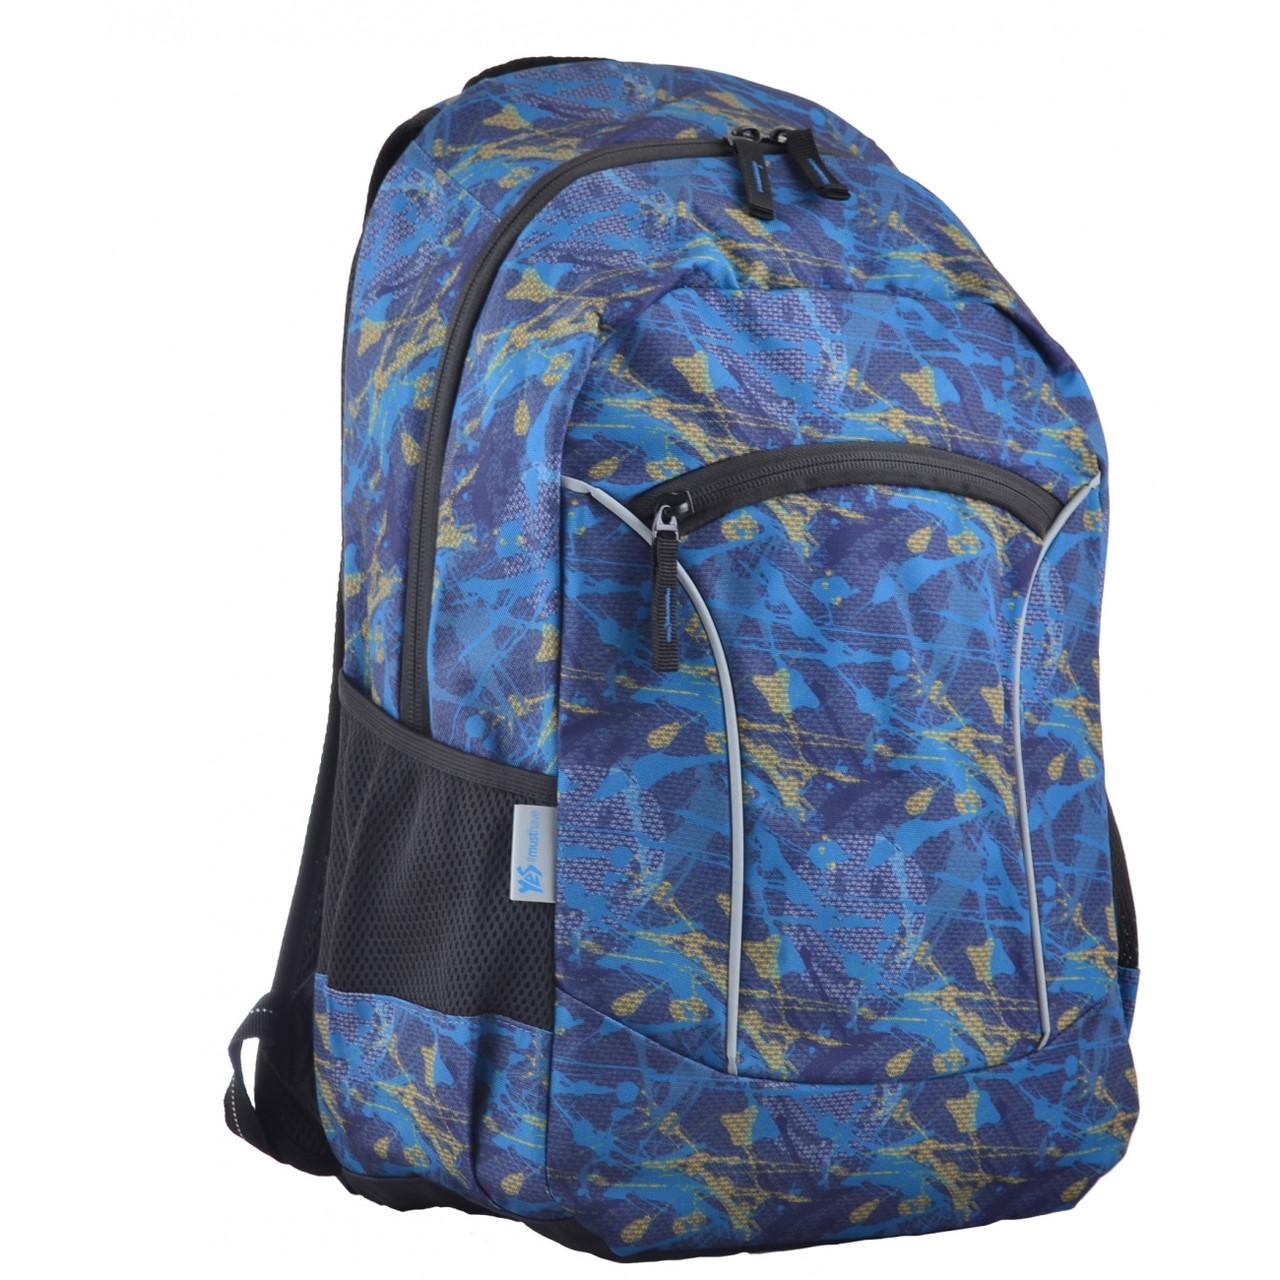 Рюкзак молодежный Т-39 Web, 48*30*16